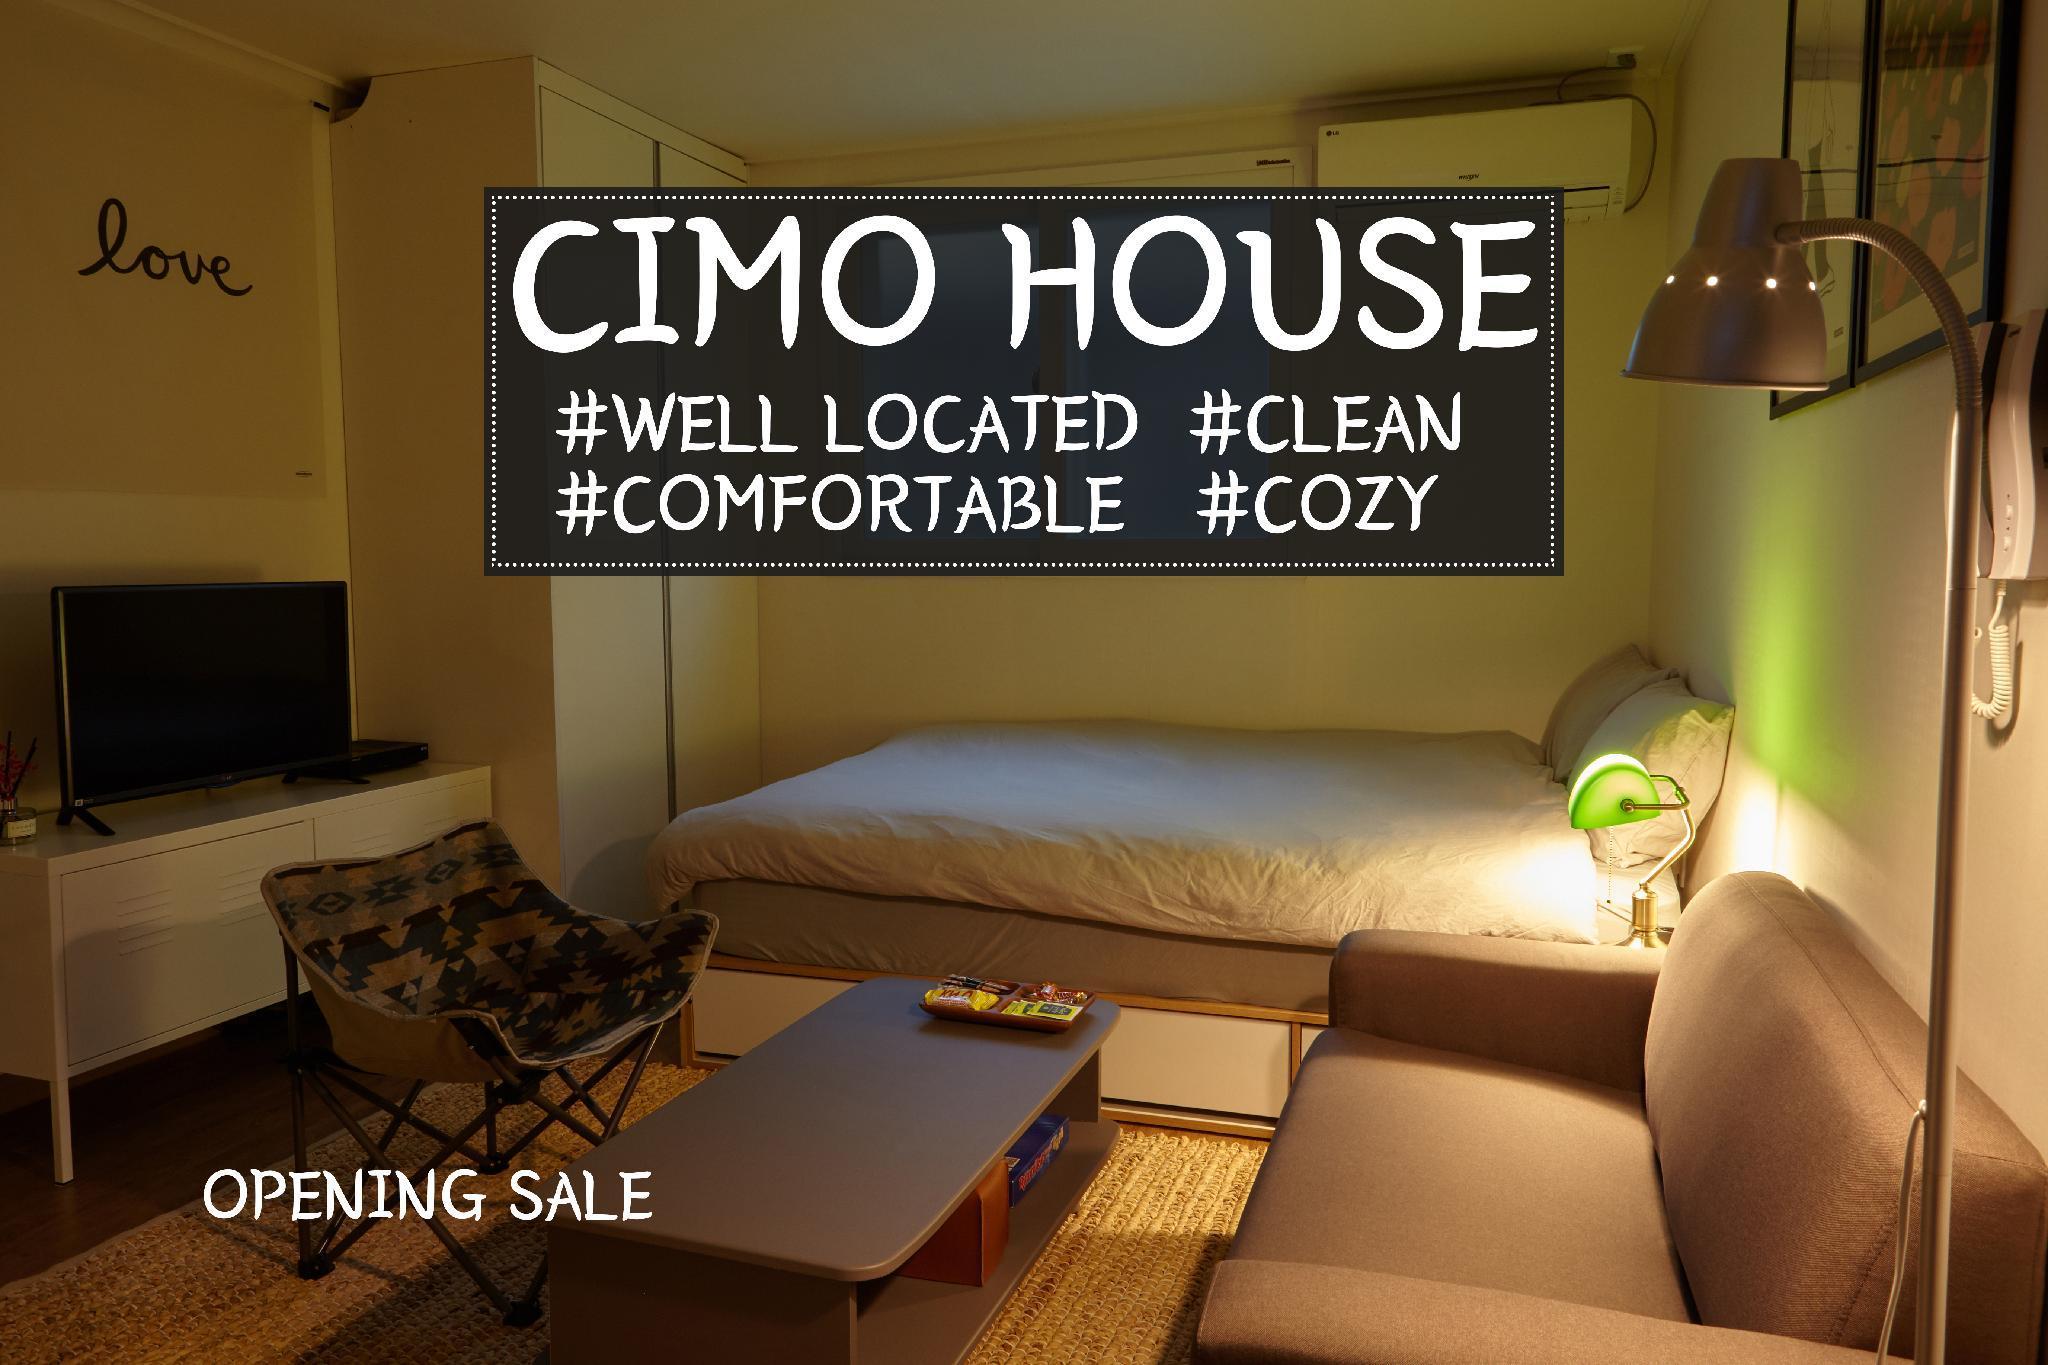 Cimo House  2 Mins From Konkuk Univ. Station